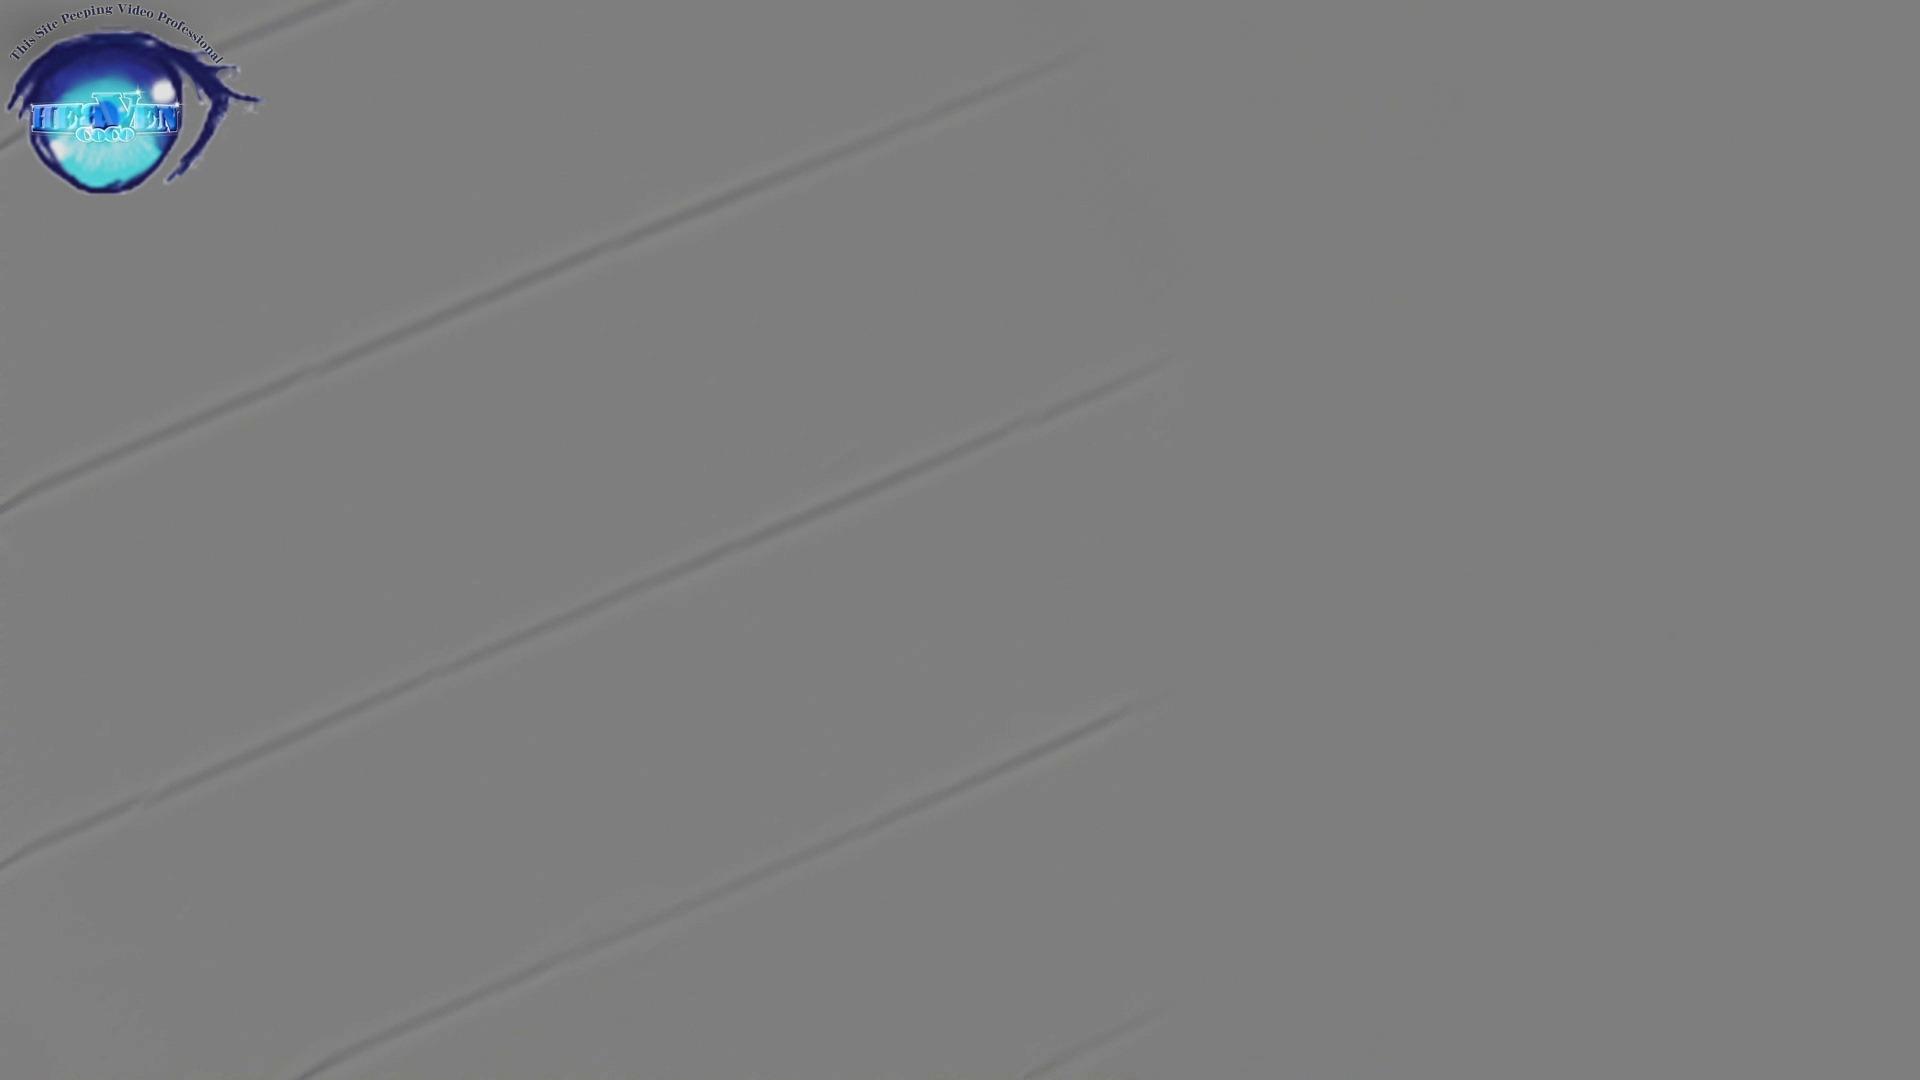 お銀さん vol.59 ピンチ!!「鏡の前で祈る女性」にばれる危機 前編 OLセックス   0  86画像 45